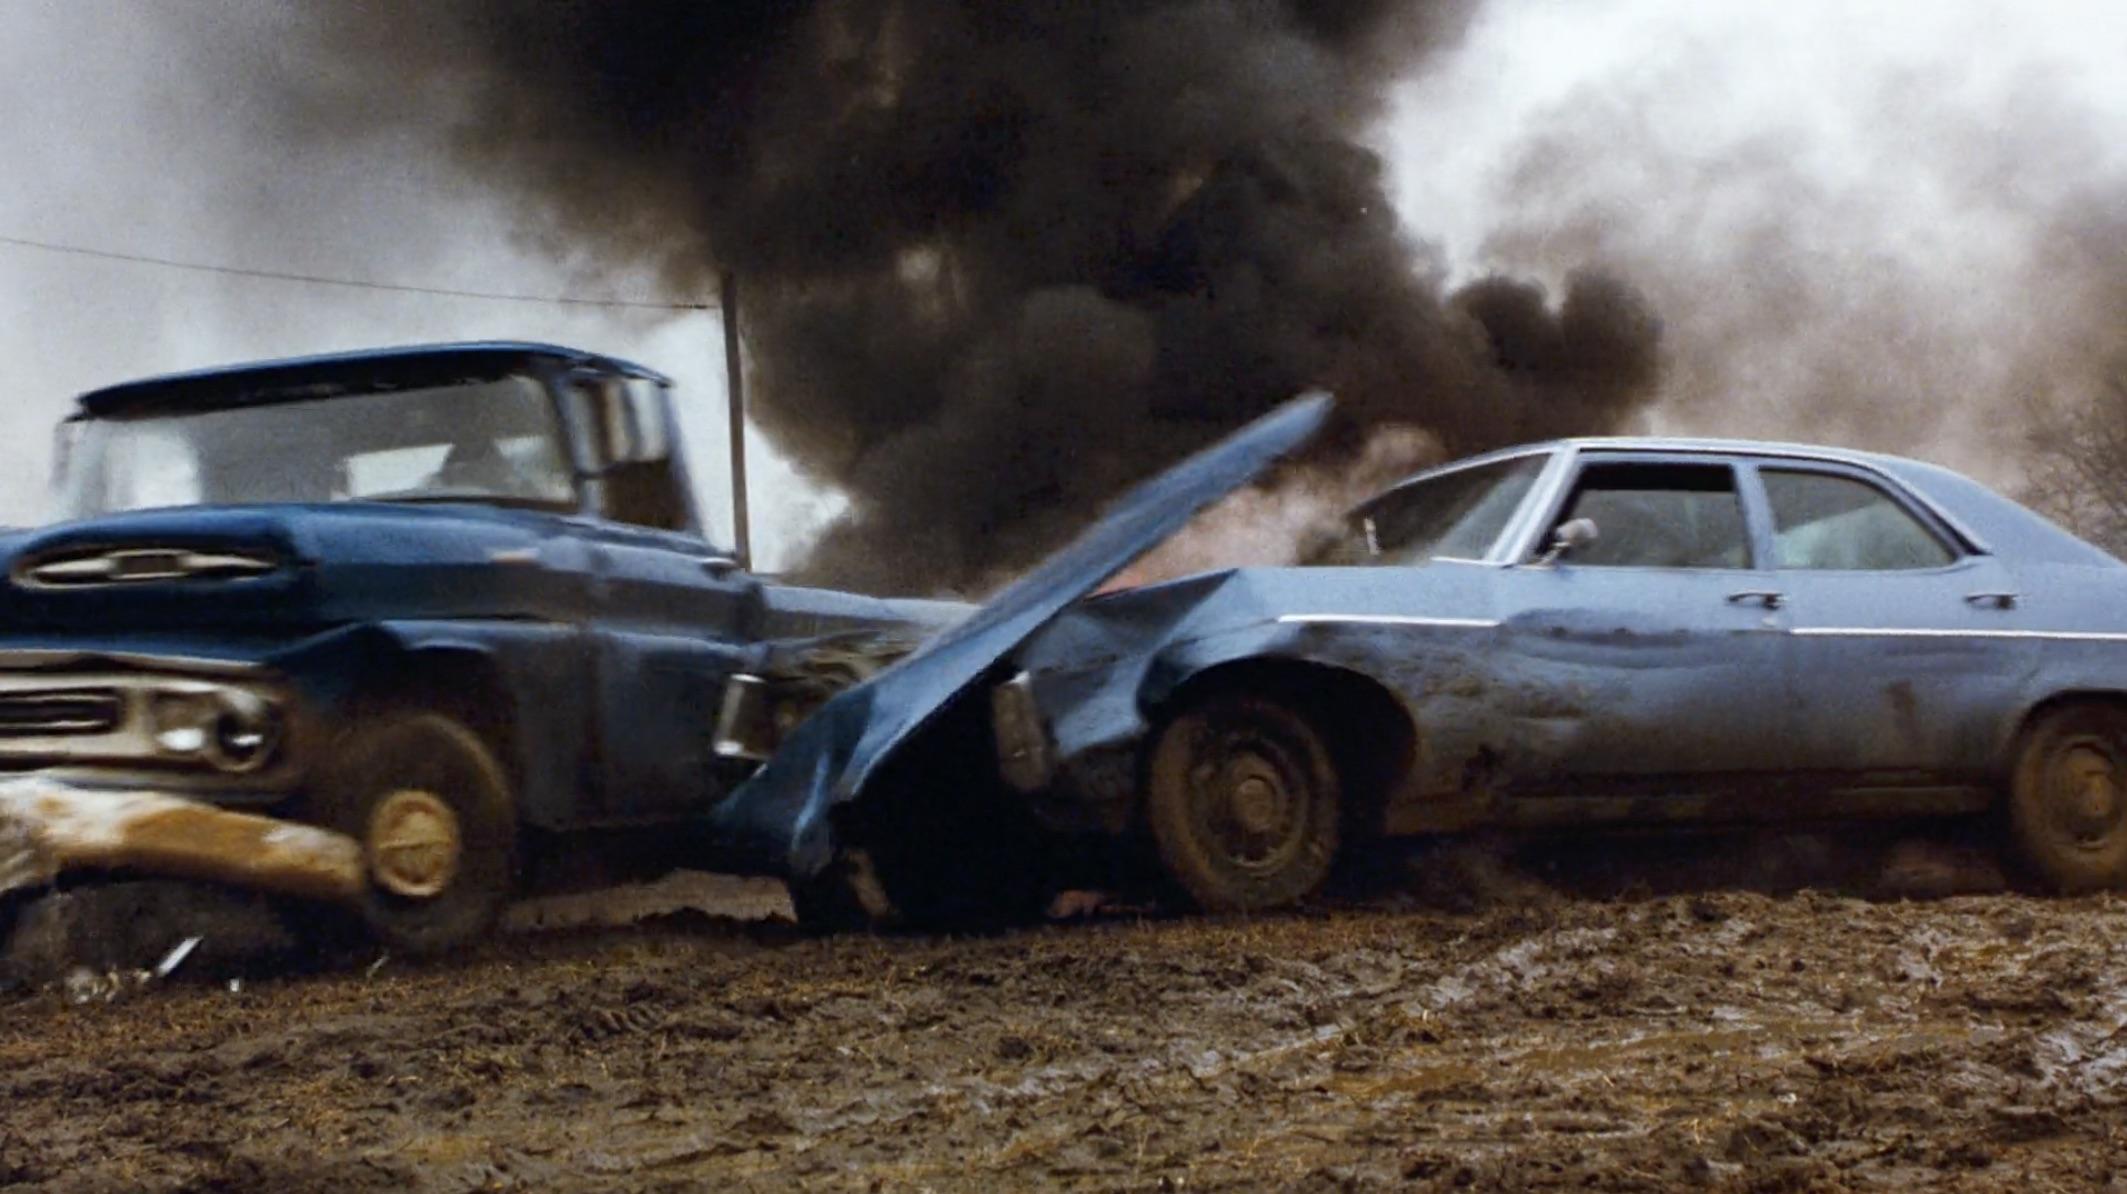 Burt Reynolds Hooper truck and car crash